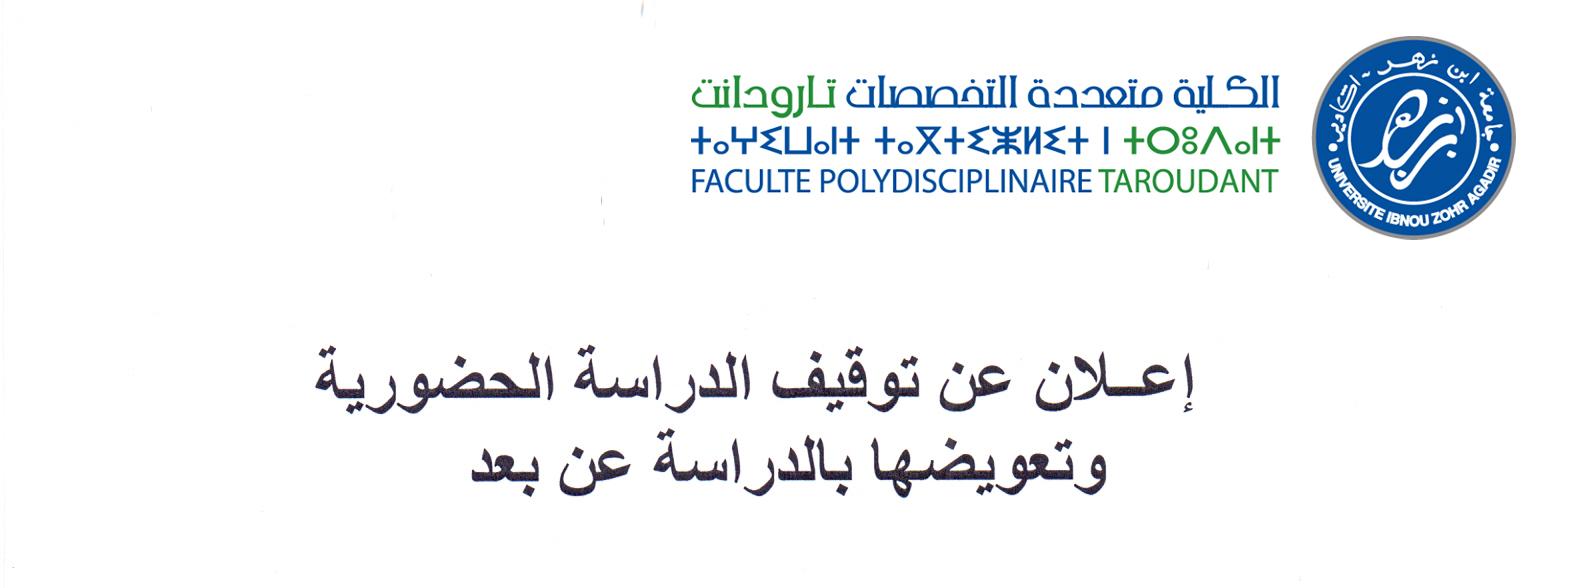 إعلان عن توقيف الدراسة الحضورية وتعويضها بالدراسة عن بعد